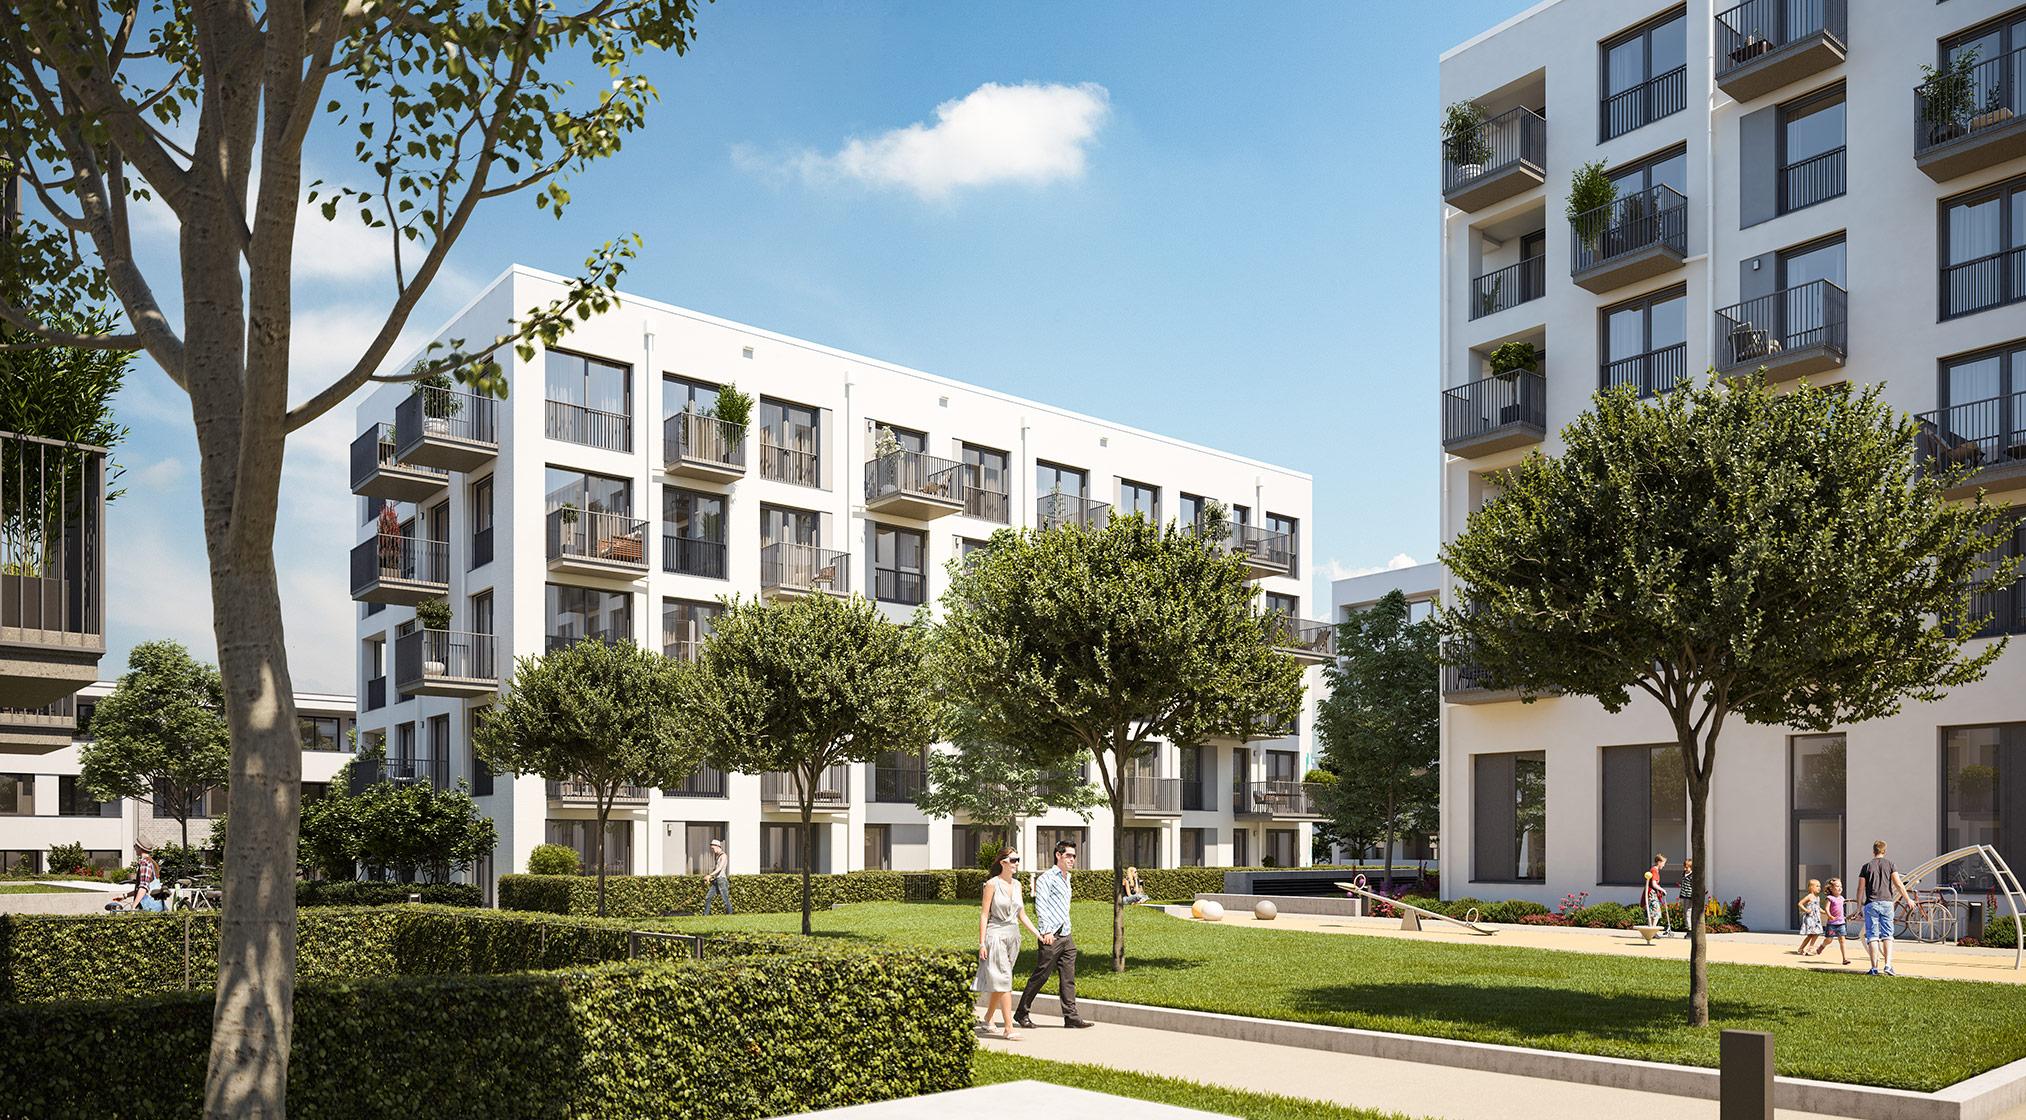 Immobilie Alexisquartier - Wohnen an der Allee - Projektdetails - Illustration 1